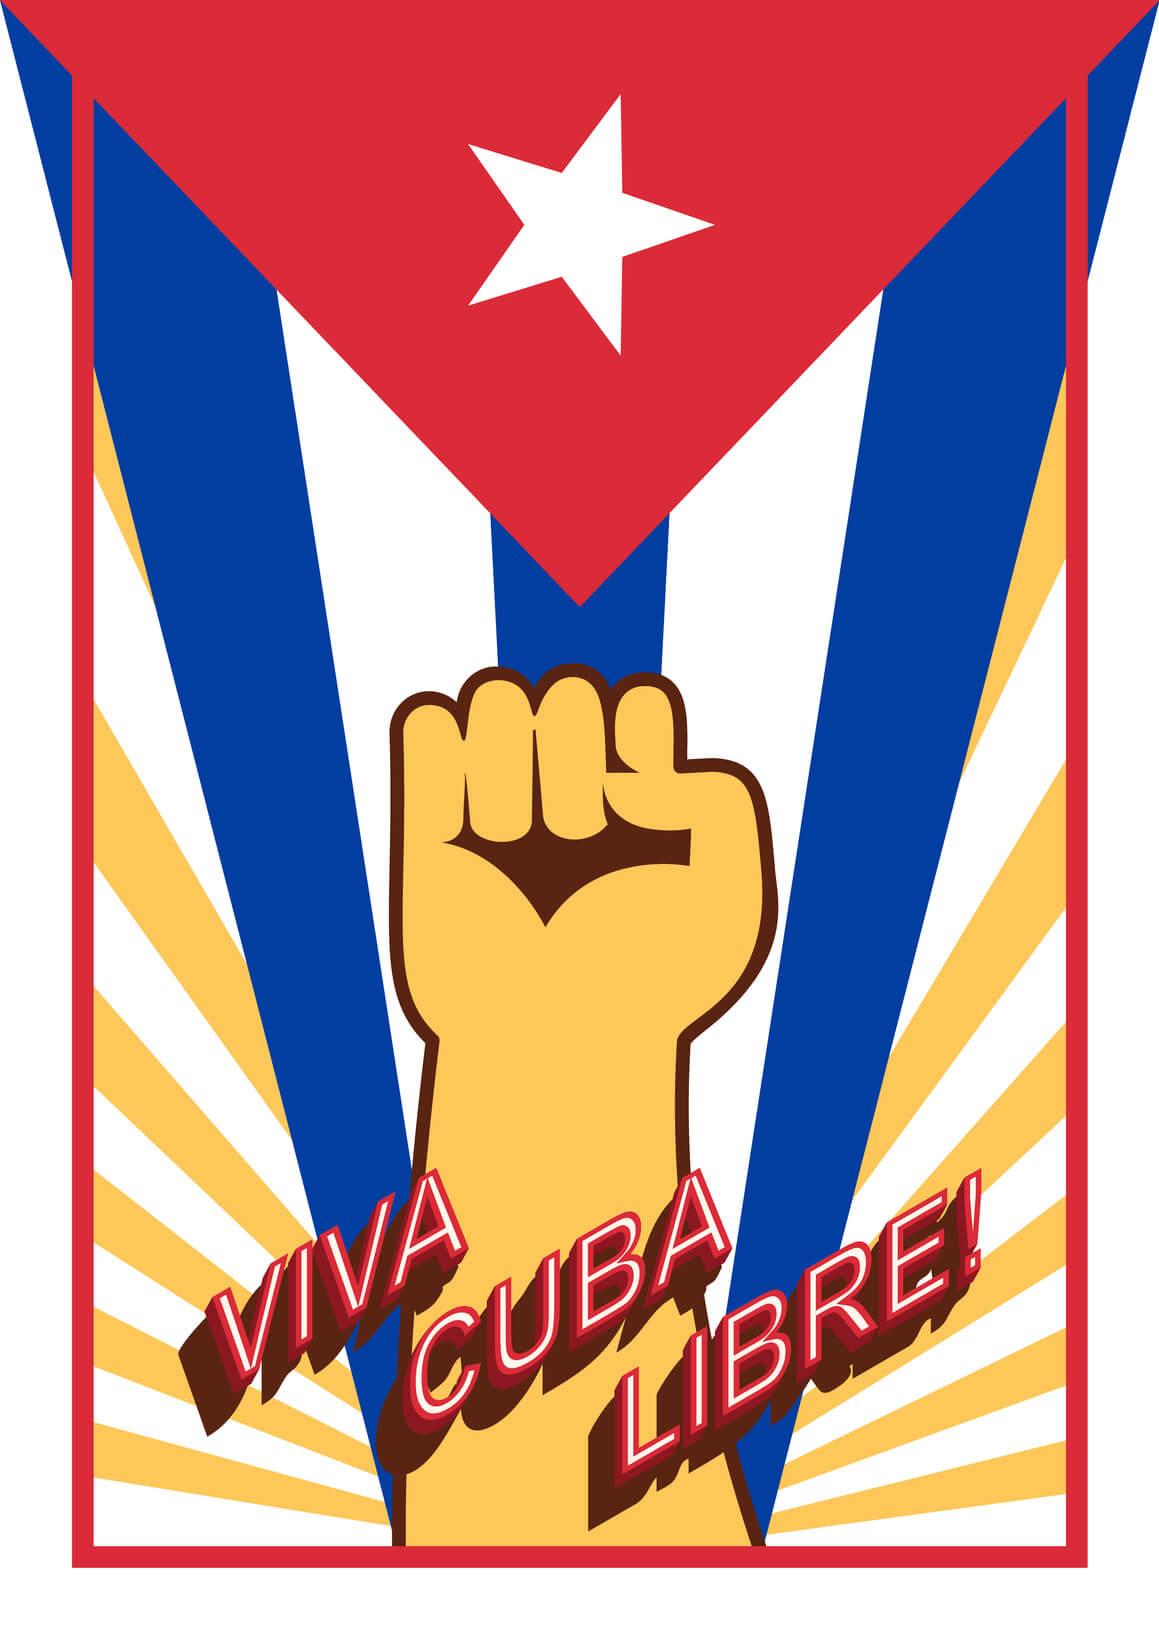 ¿Qué está pasando en Cuba? Cubadebate y La Pupila Insomne